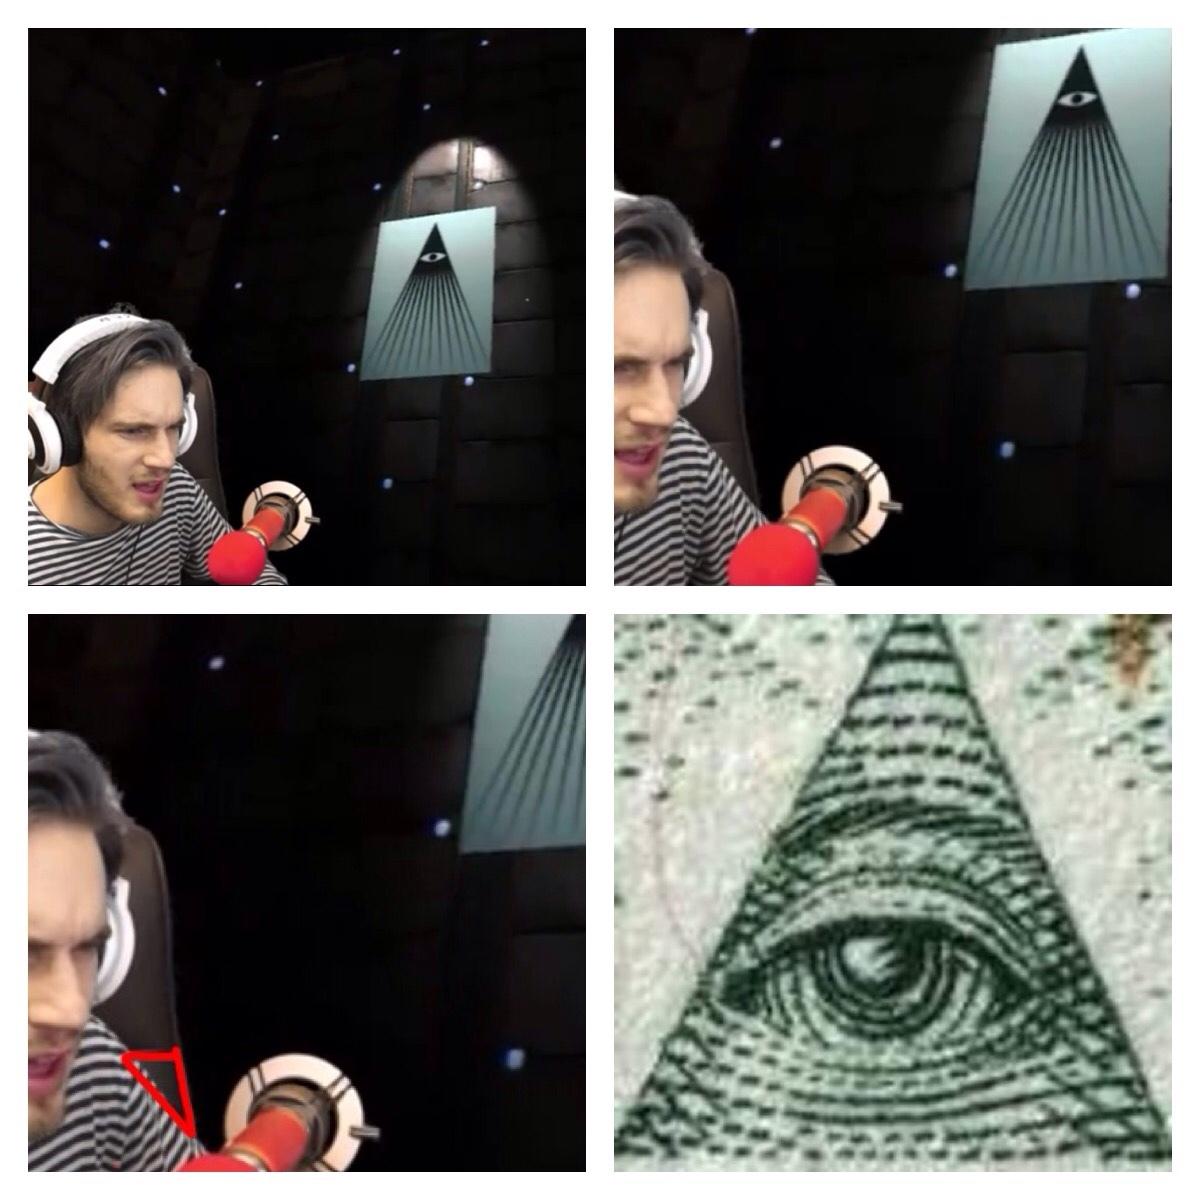 pewdiepie is illuminati confirmed - meme